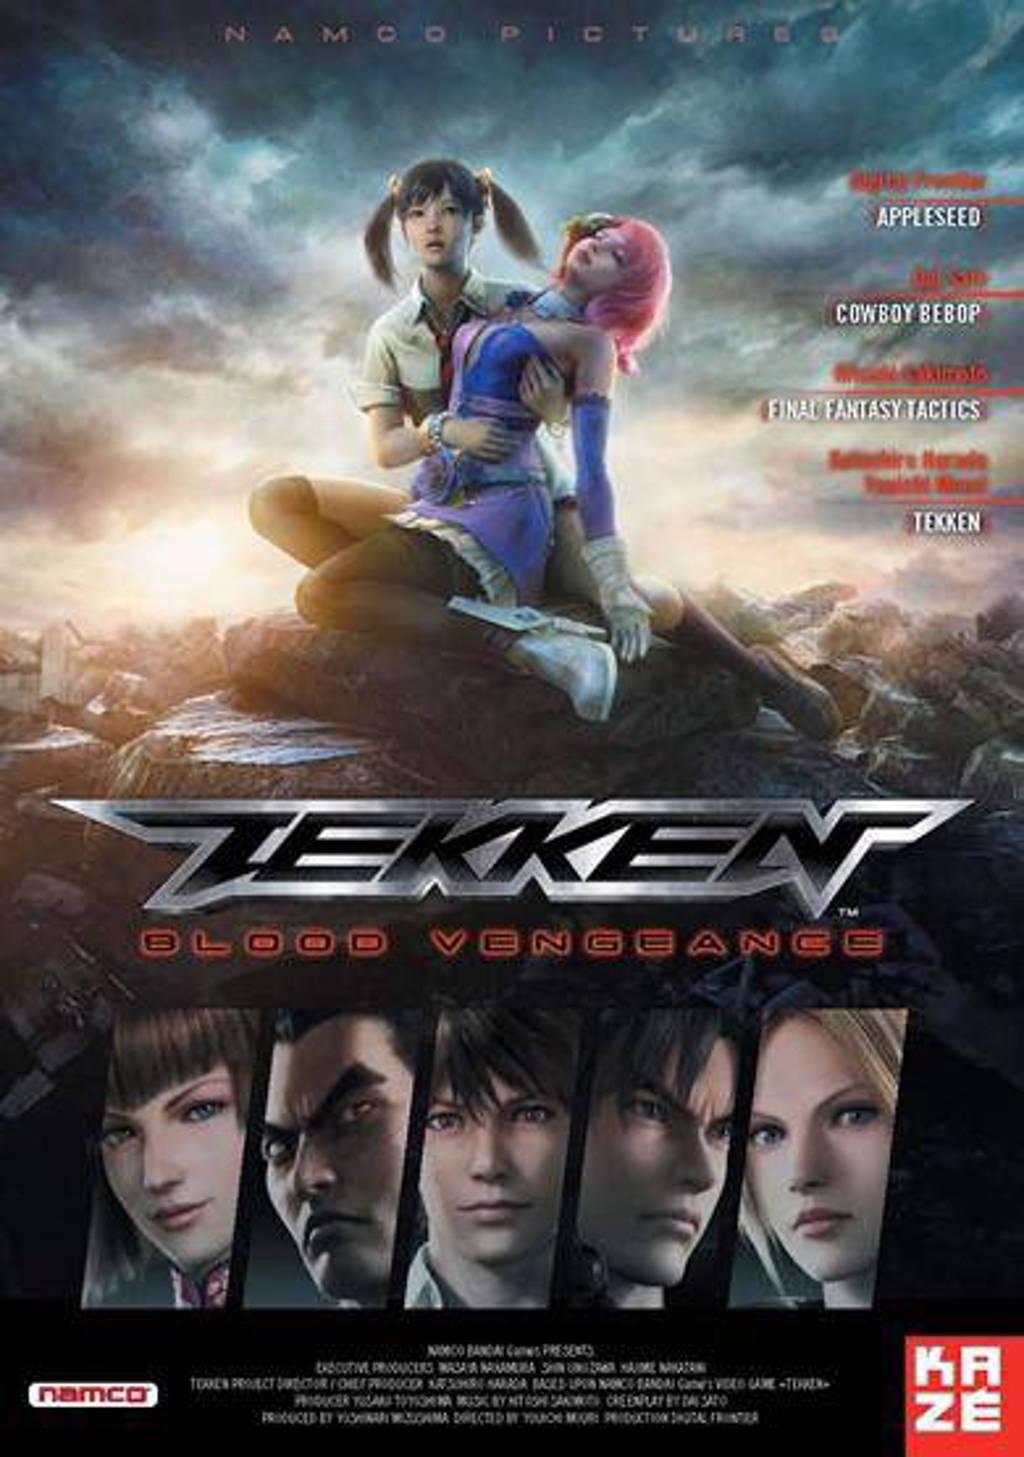 Tekken - Blood vengeance (DVD)